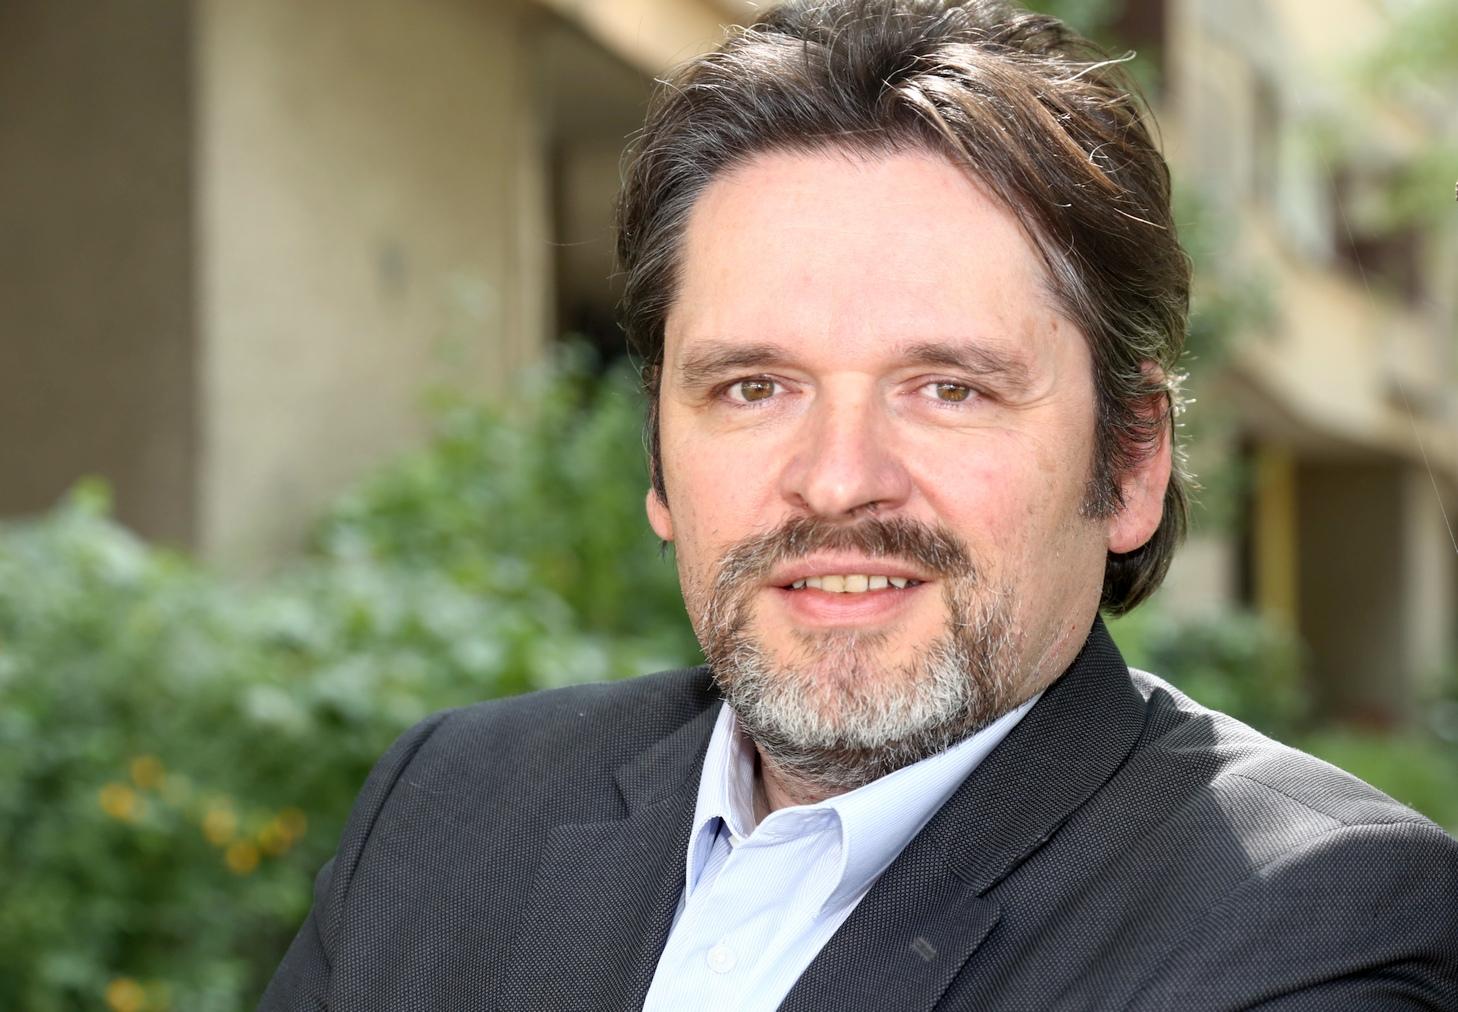 Velimir Šonje: Vještina tumačenja ekonomije temeljene na novim tehnološkim konceptima